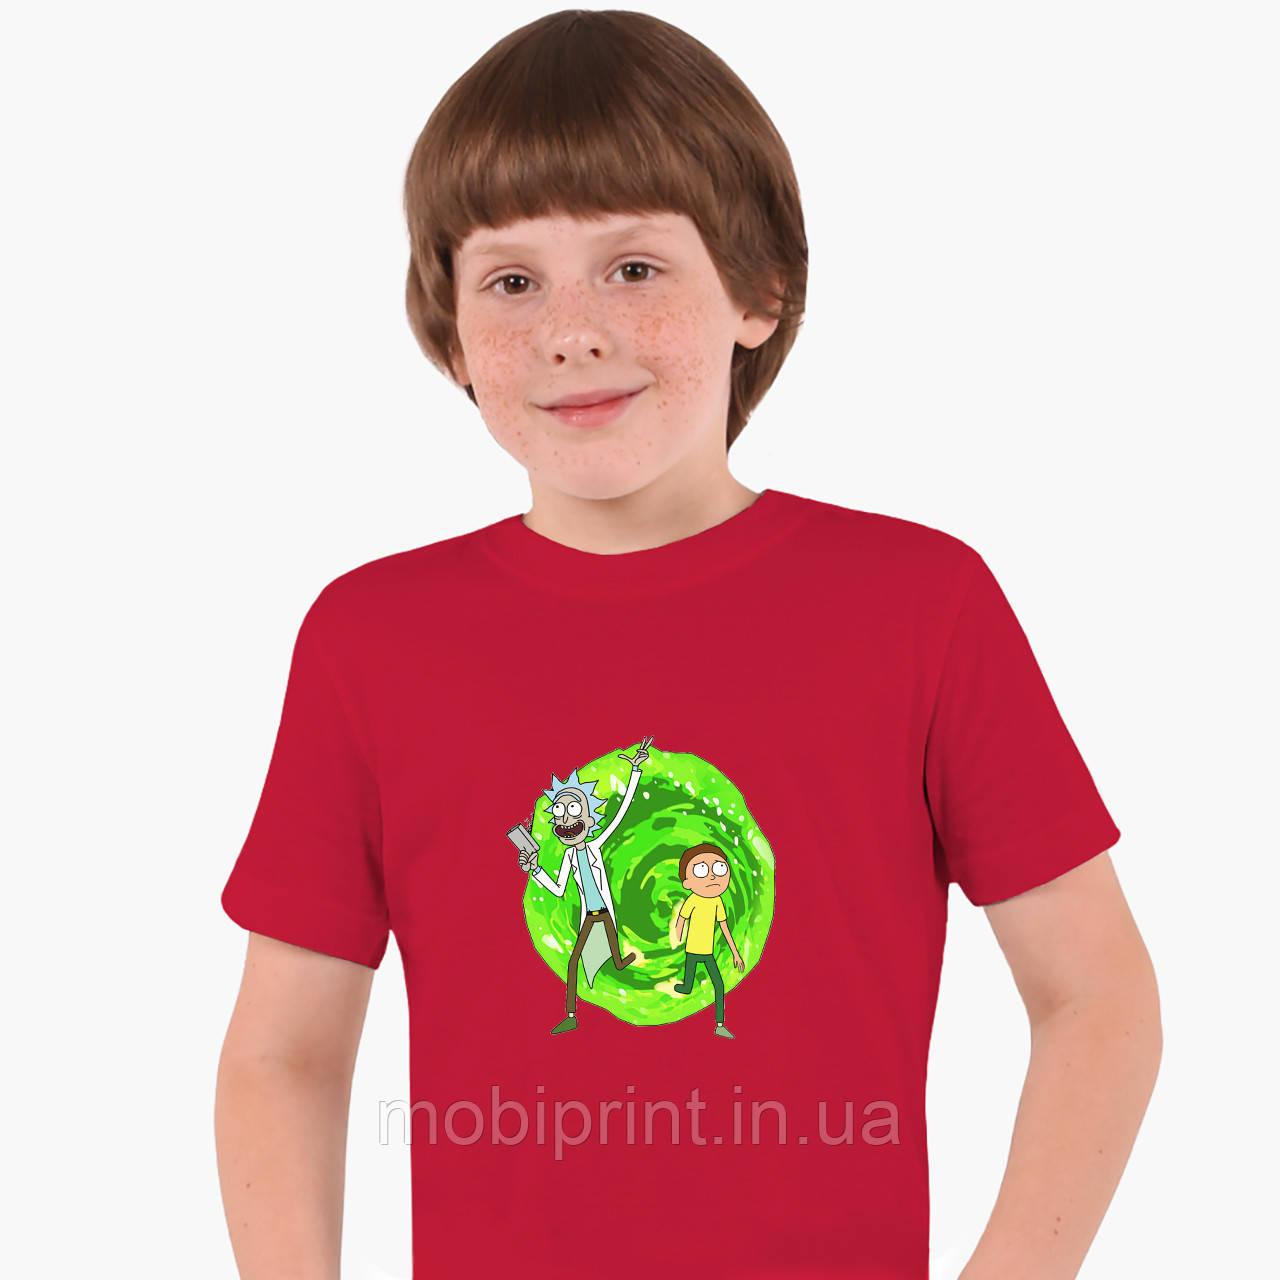 Детская футболка для мальчиков Рик и Морти (Rick and Morty) (25186-1240) Красный